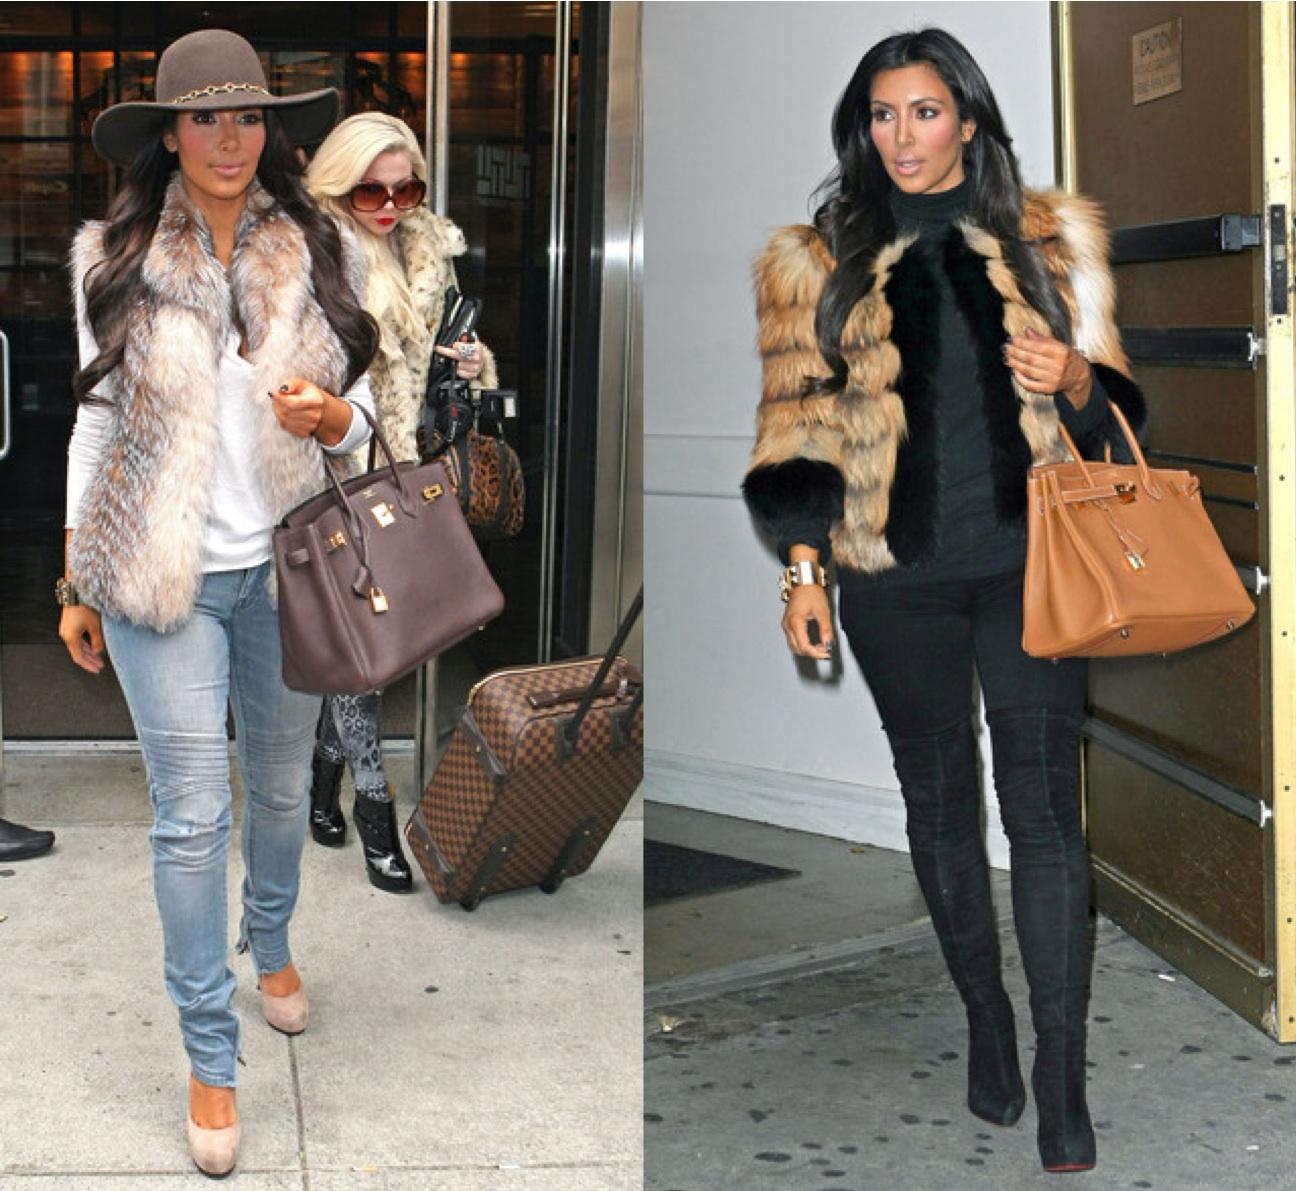 http://1.bp.blogspot.com/_PfmV3qvy8FY/TQ5UpCub7KI/AAAAAAAAAis/TU_obyUvfS0/s1600/la+modella+mafia+kim+kardashian+style++3.jpg